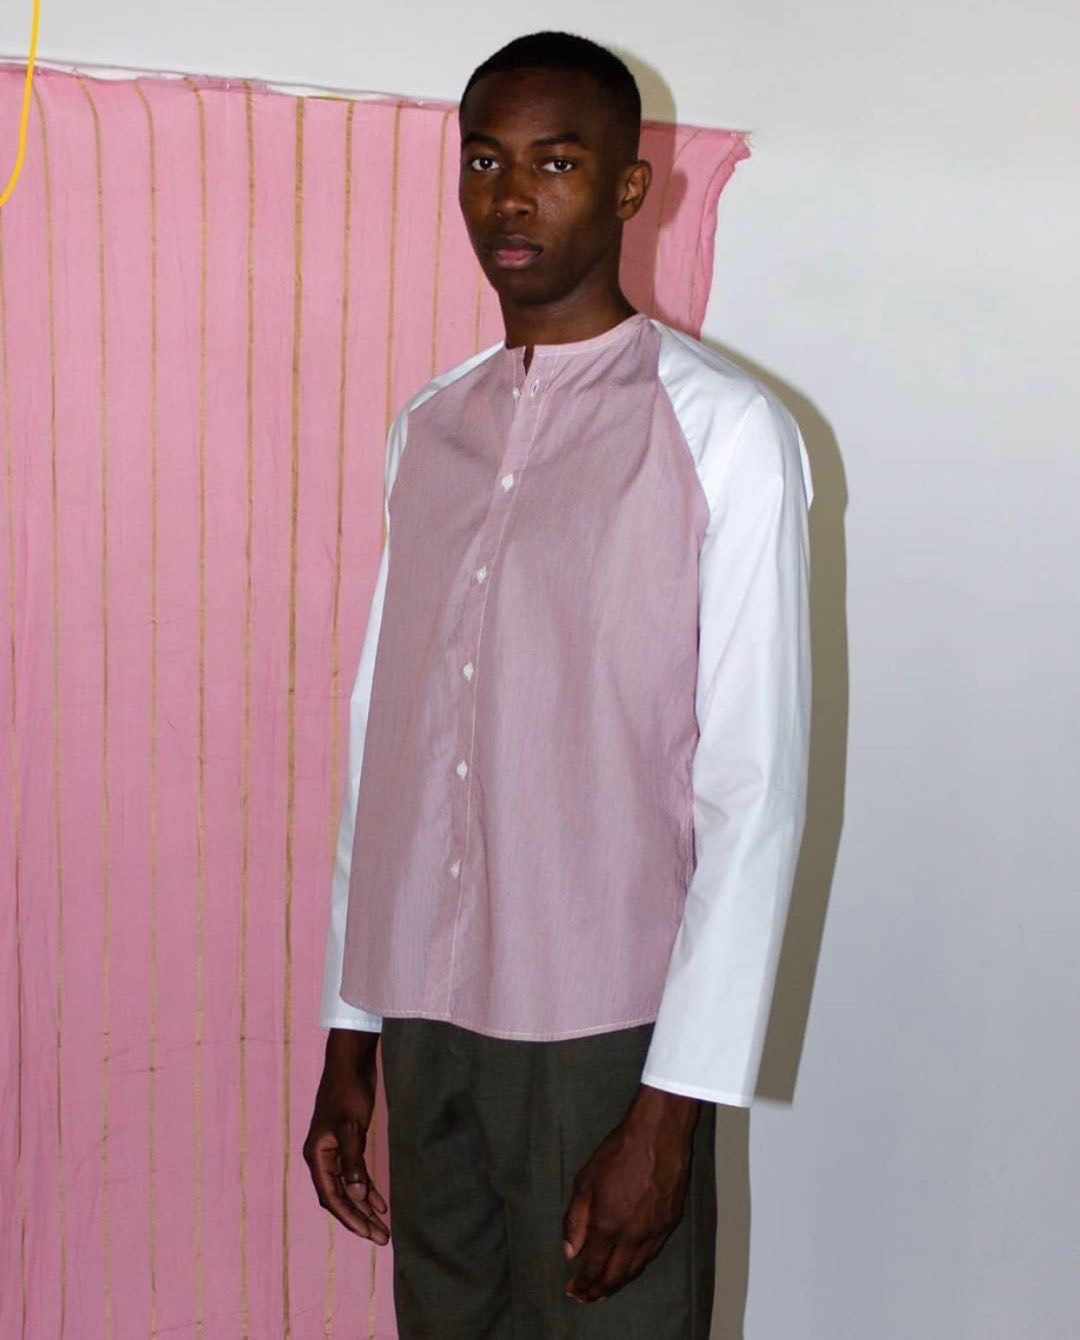 SuperMarché chemise mixte upcyclé porté sur homme copyight Sévia Chenut Ardouin alt